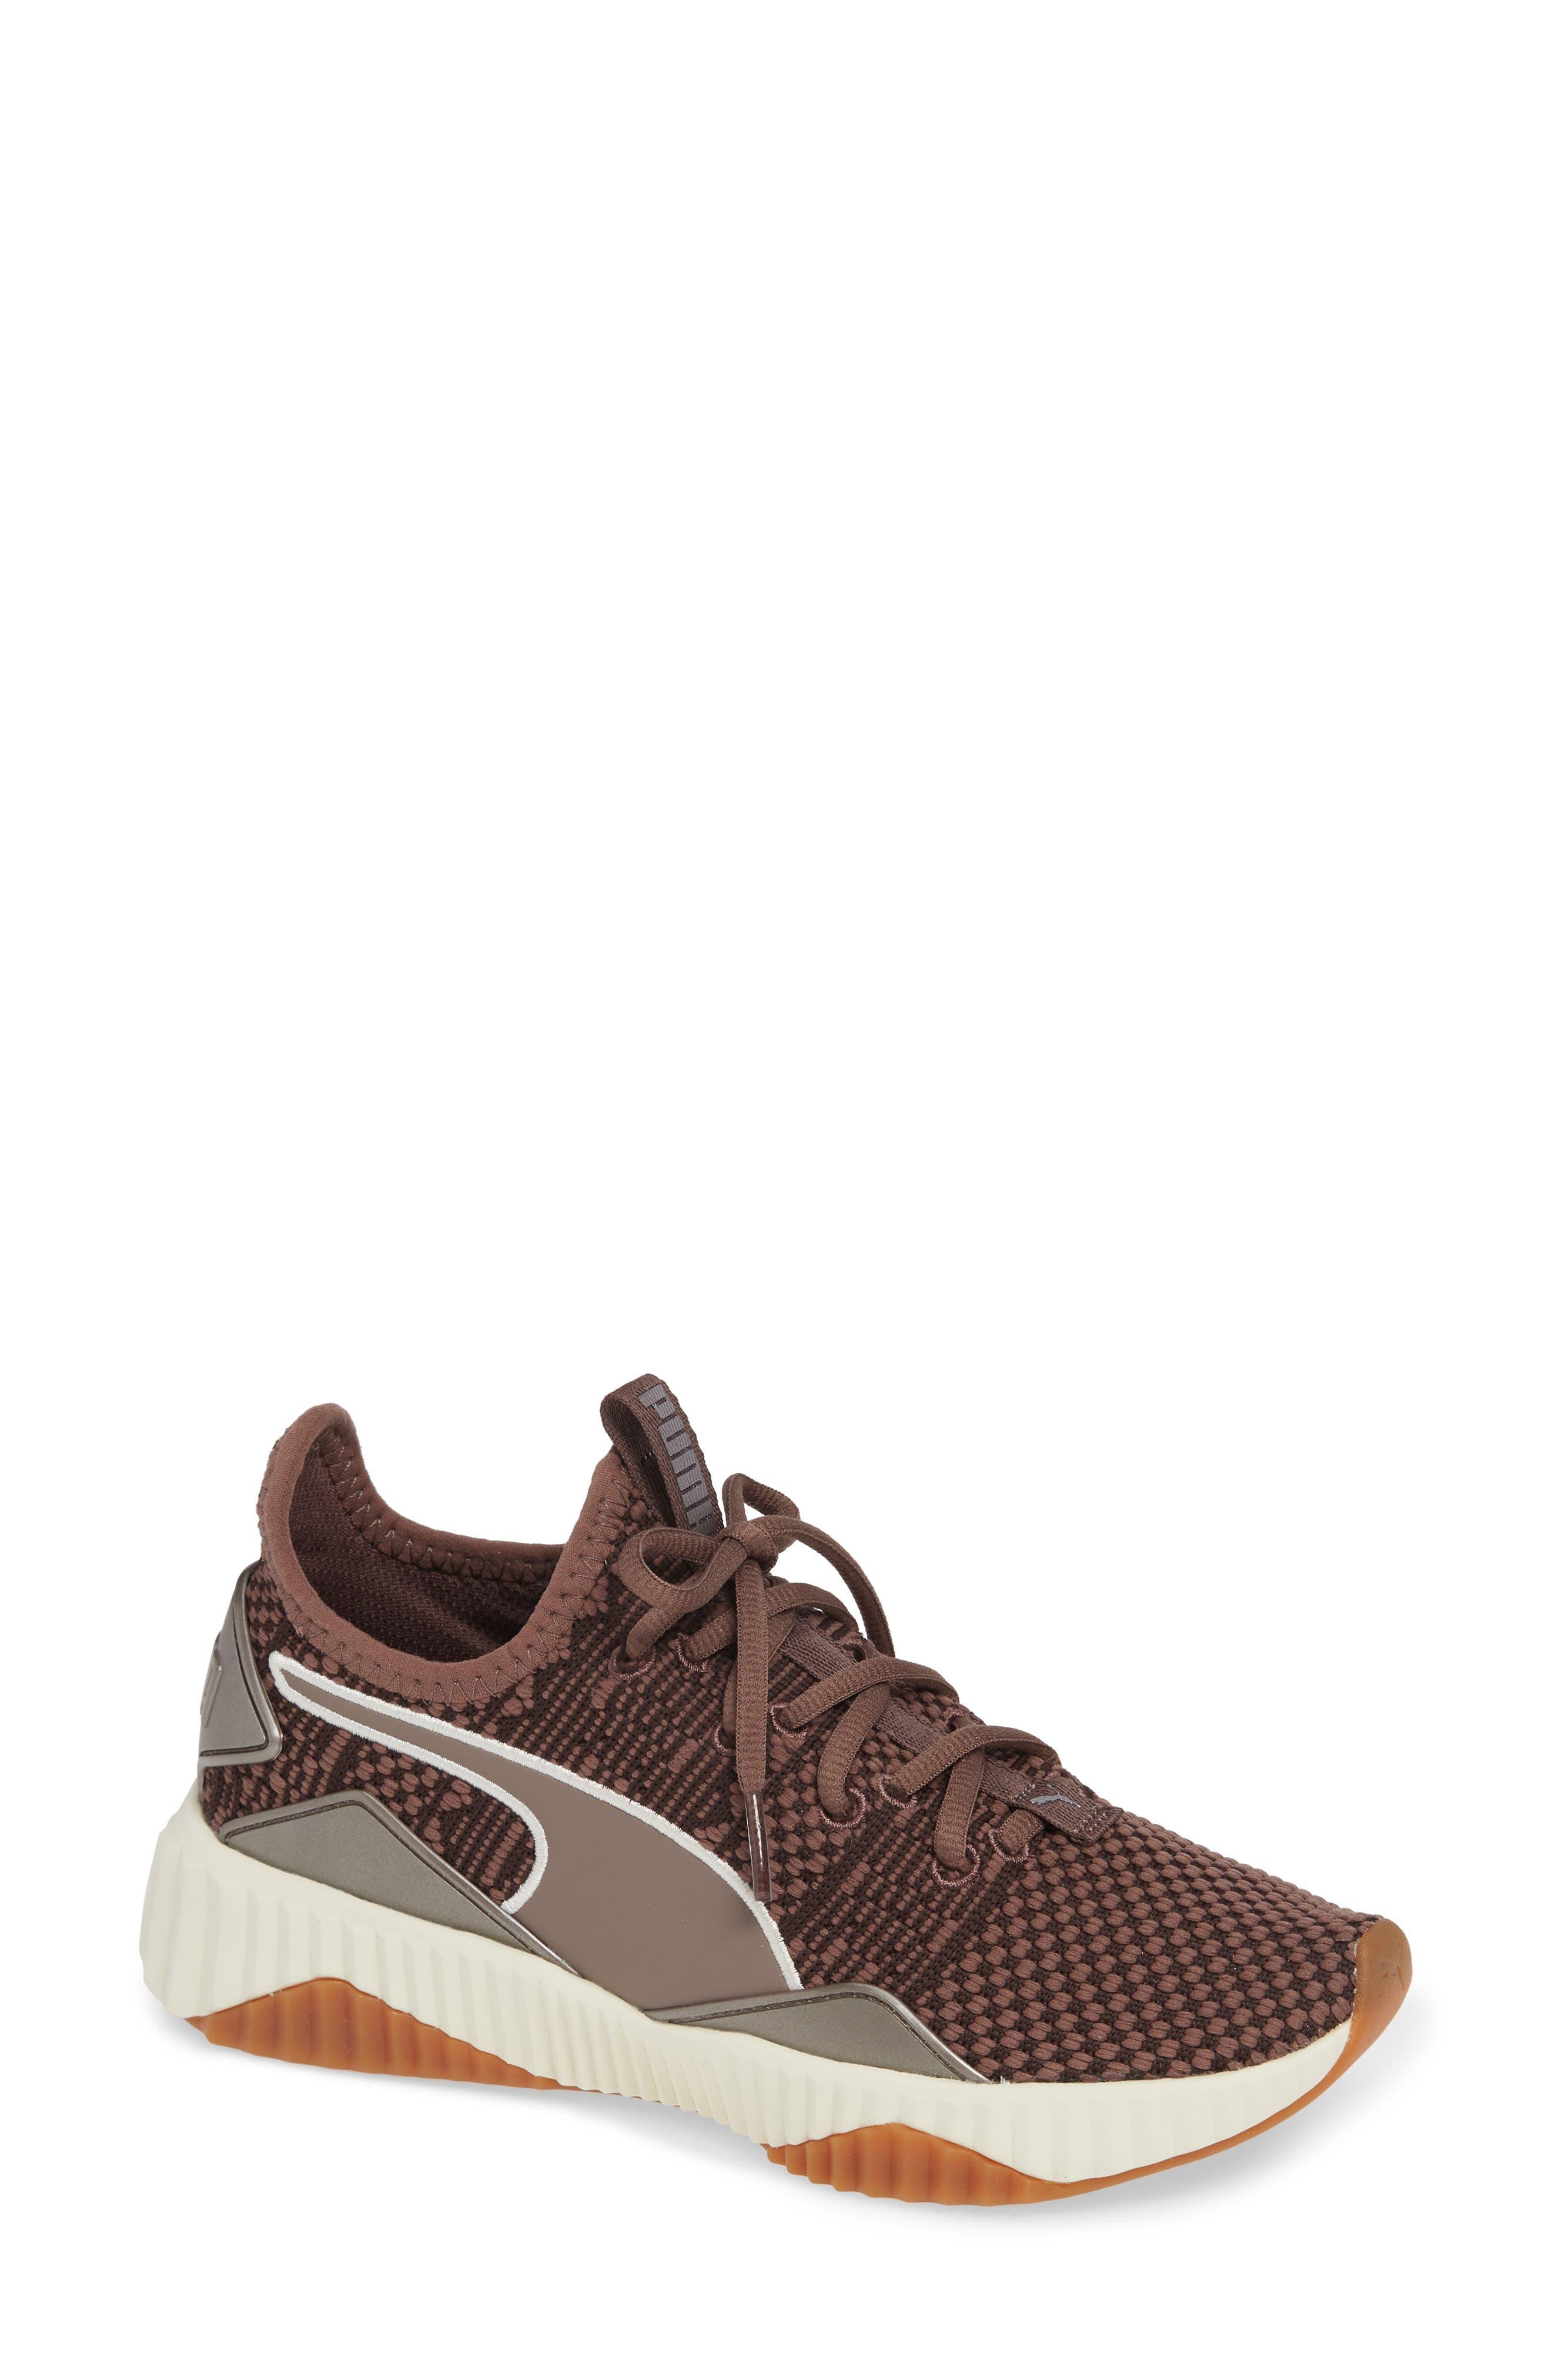 ed5dcbf511d537 PUMA Shoes for Women